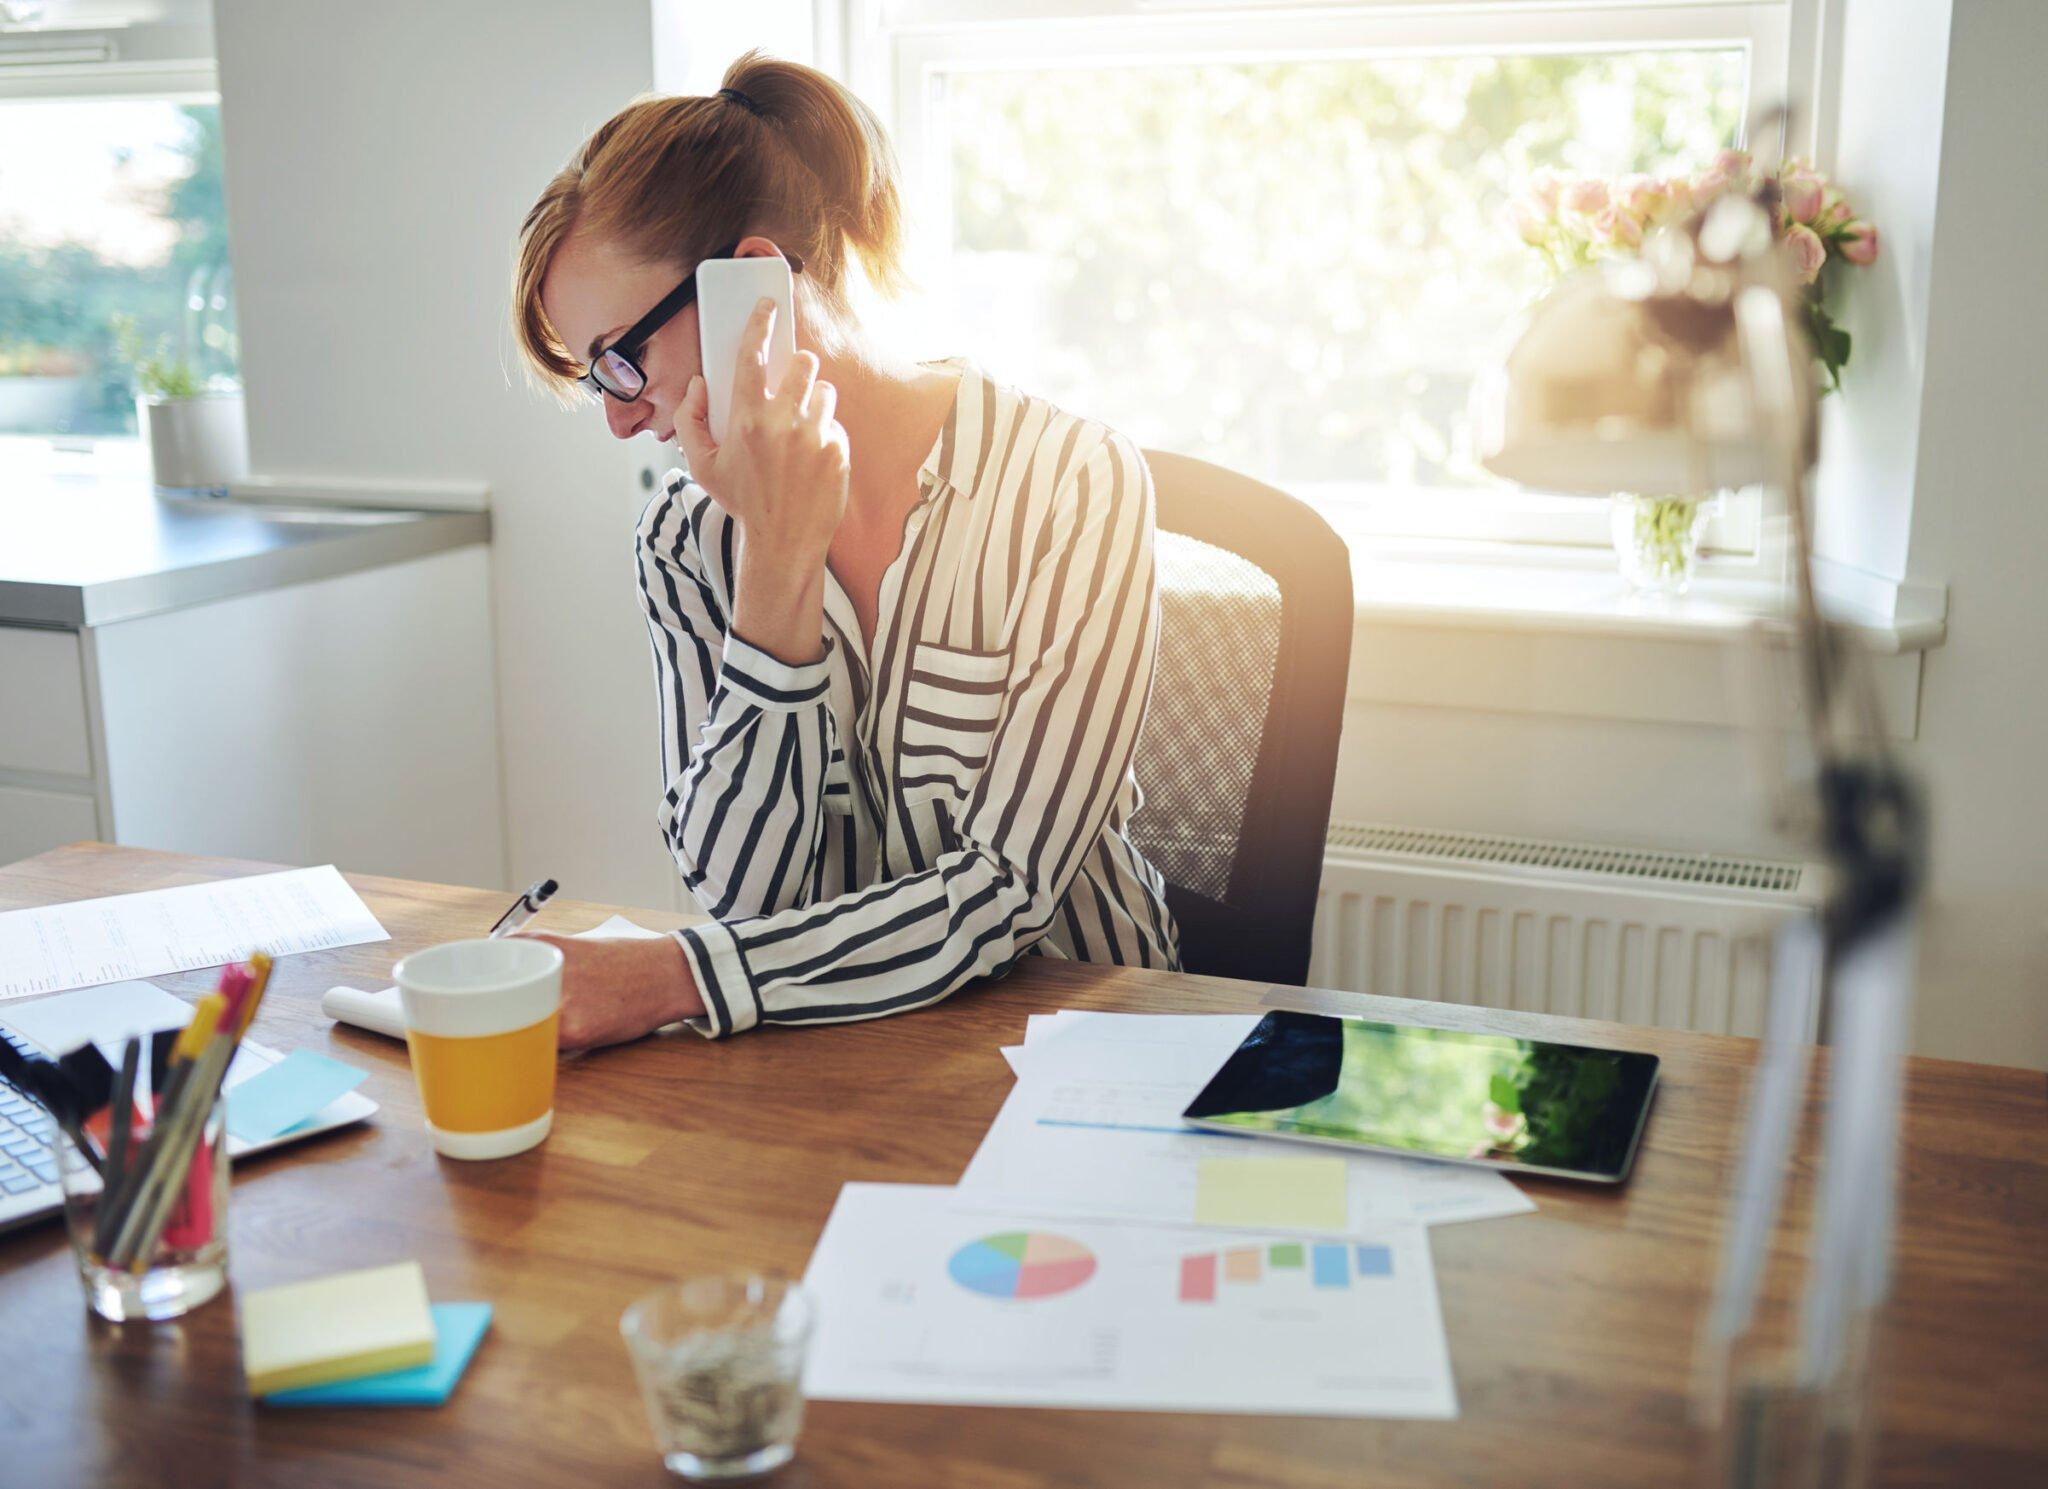 Werkkamer inrichten; tips en benodigdheden - Mamaliefde.nl